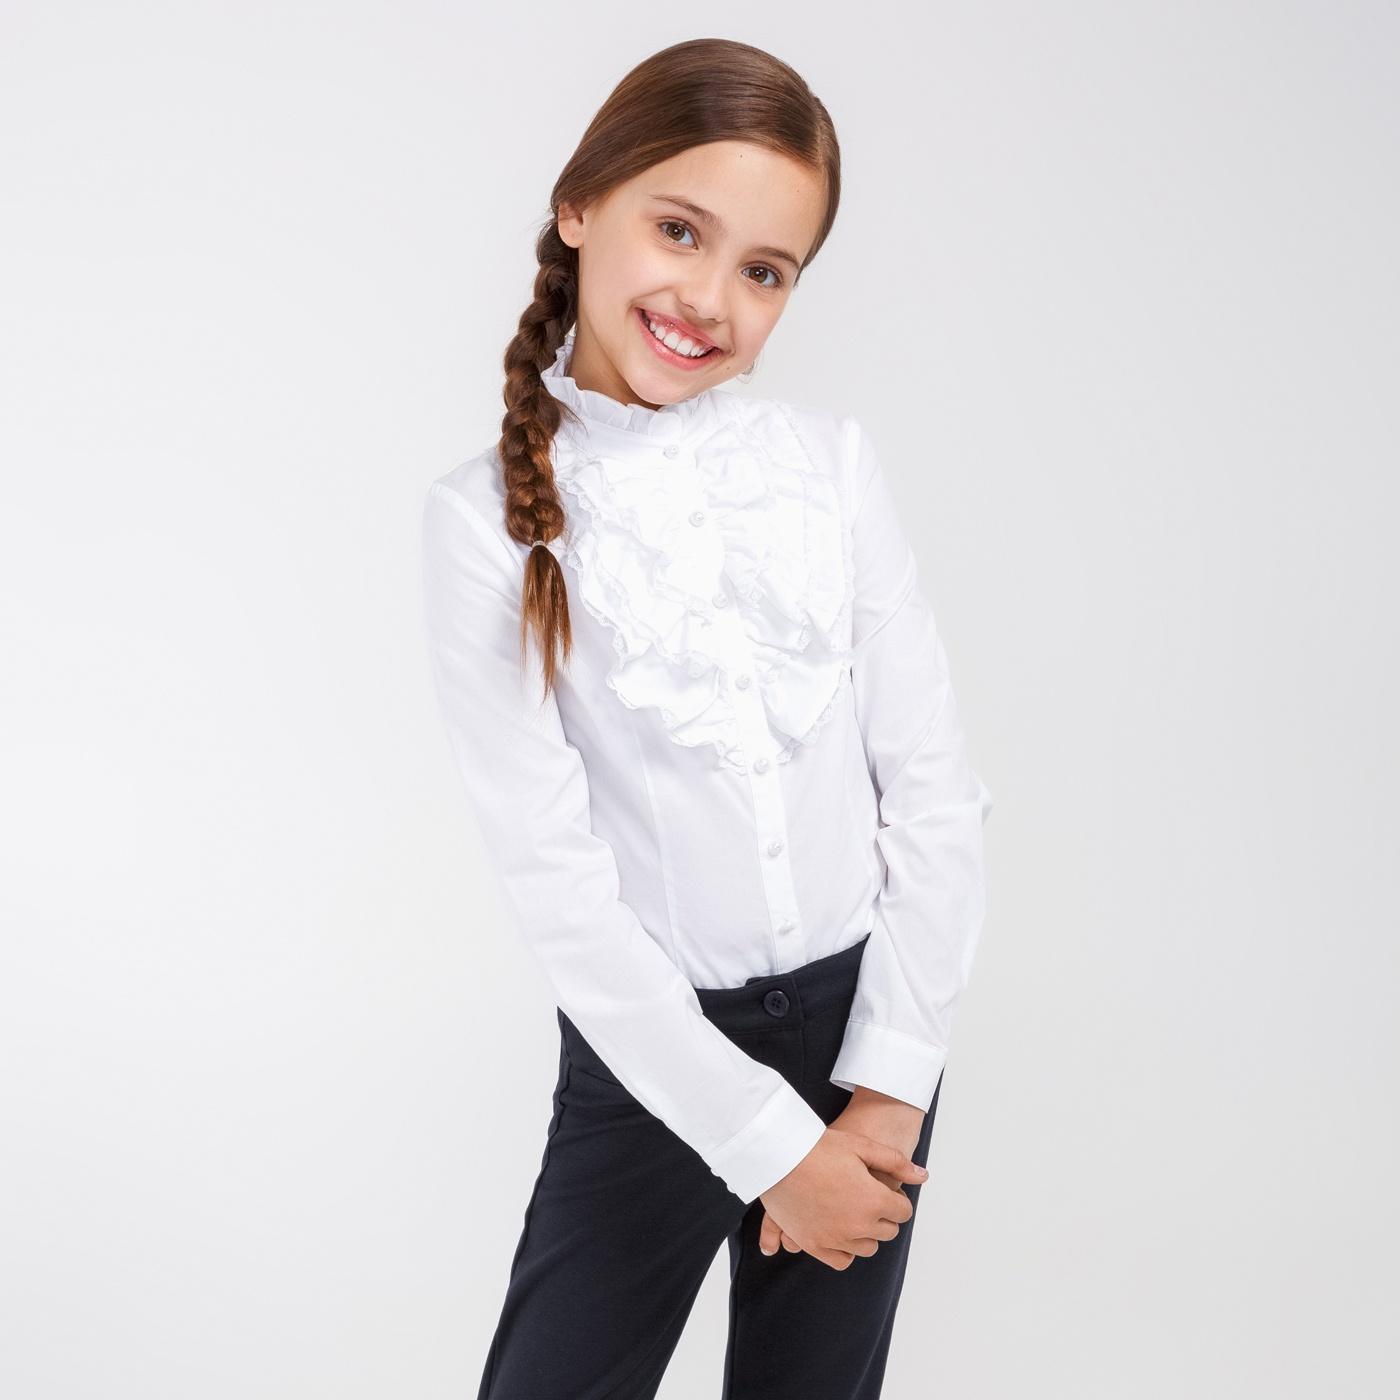 Белые Блузки Для Школы Купить В Санкт Петербурге